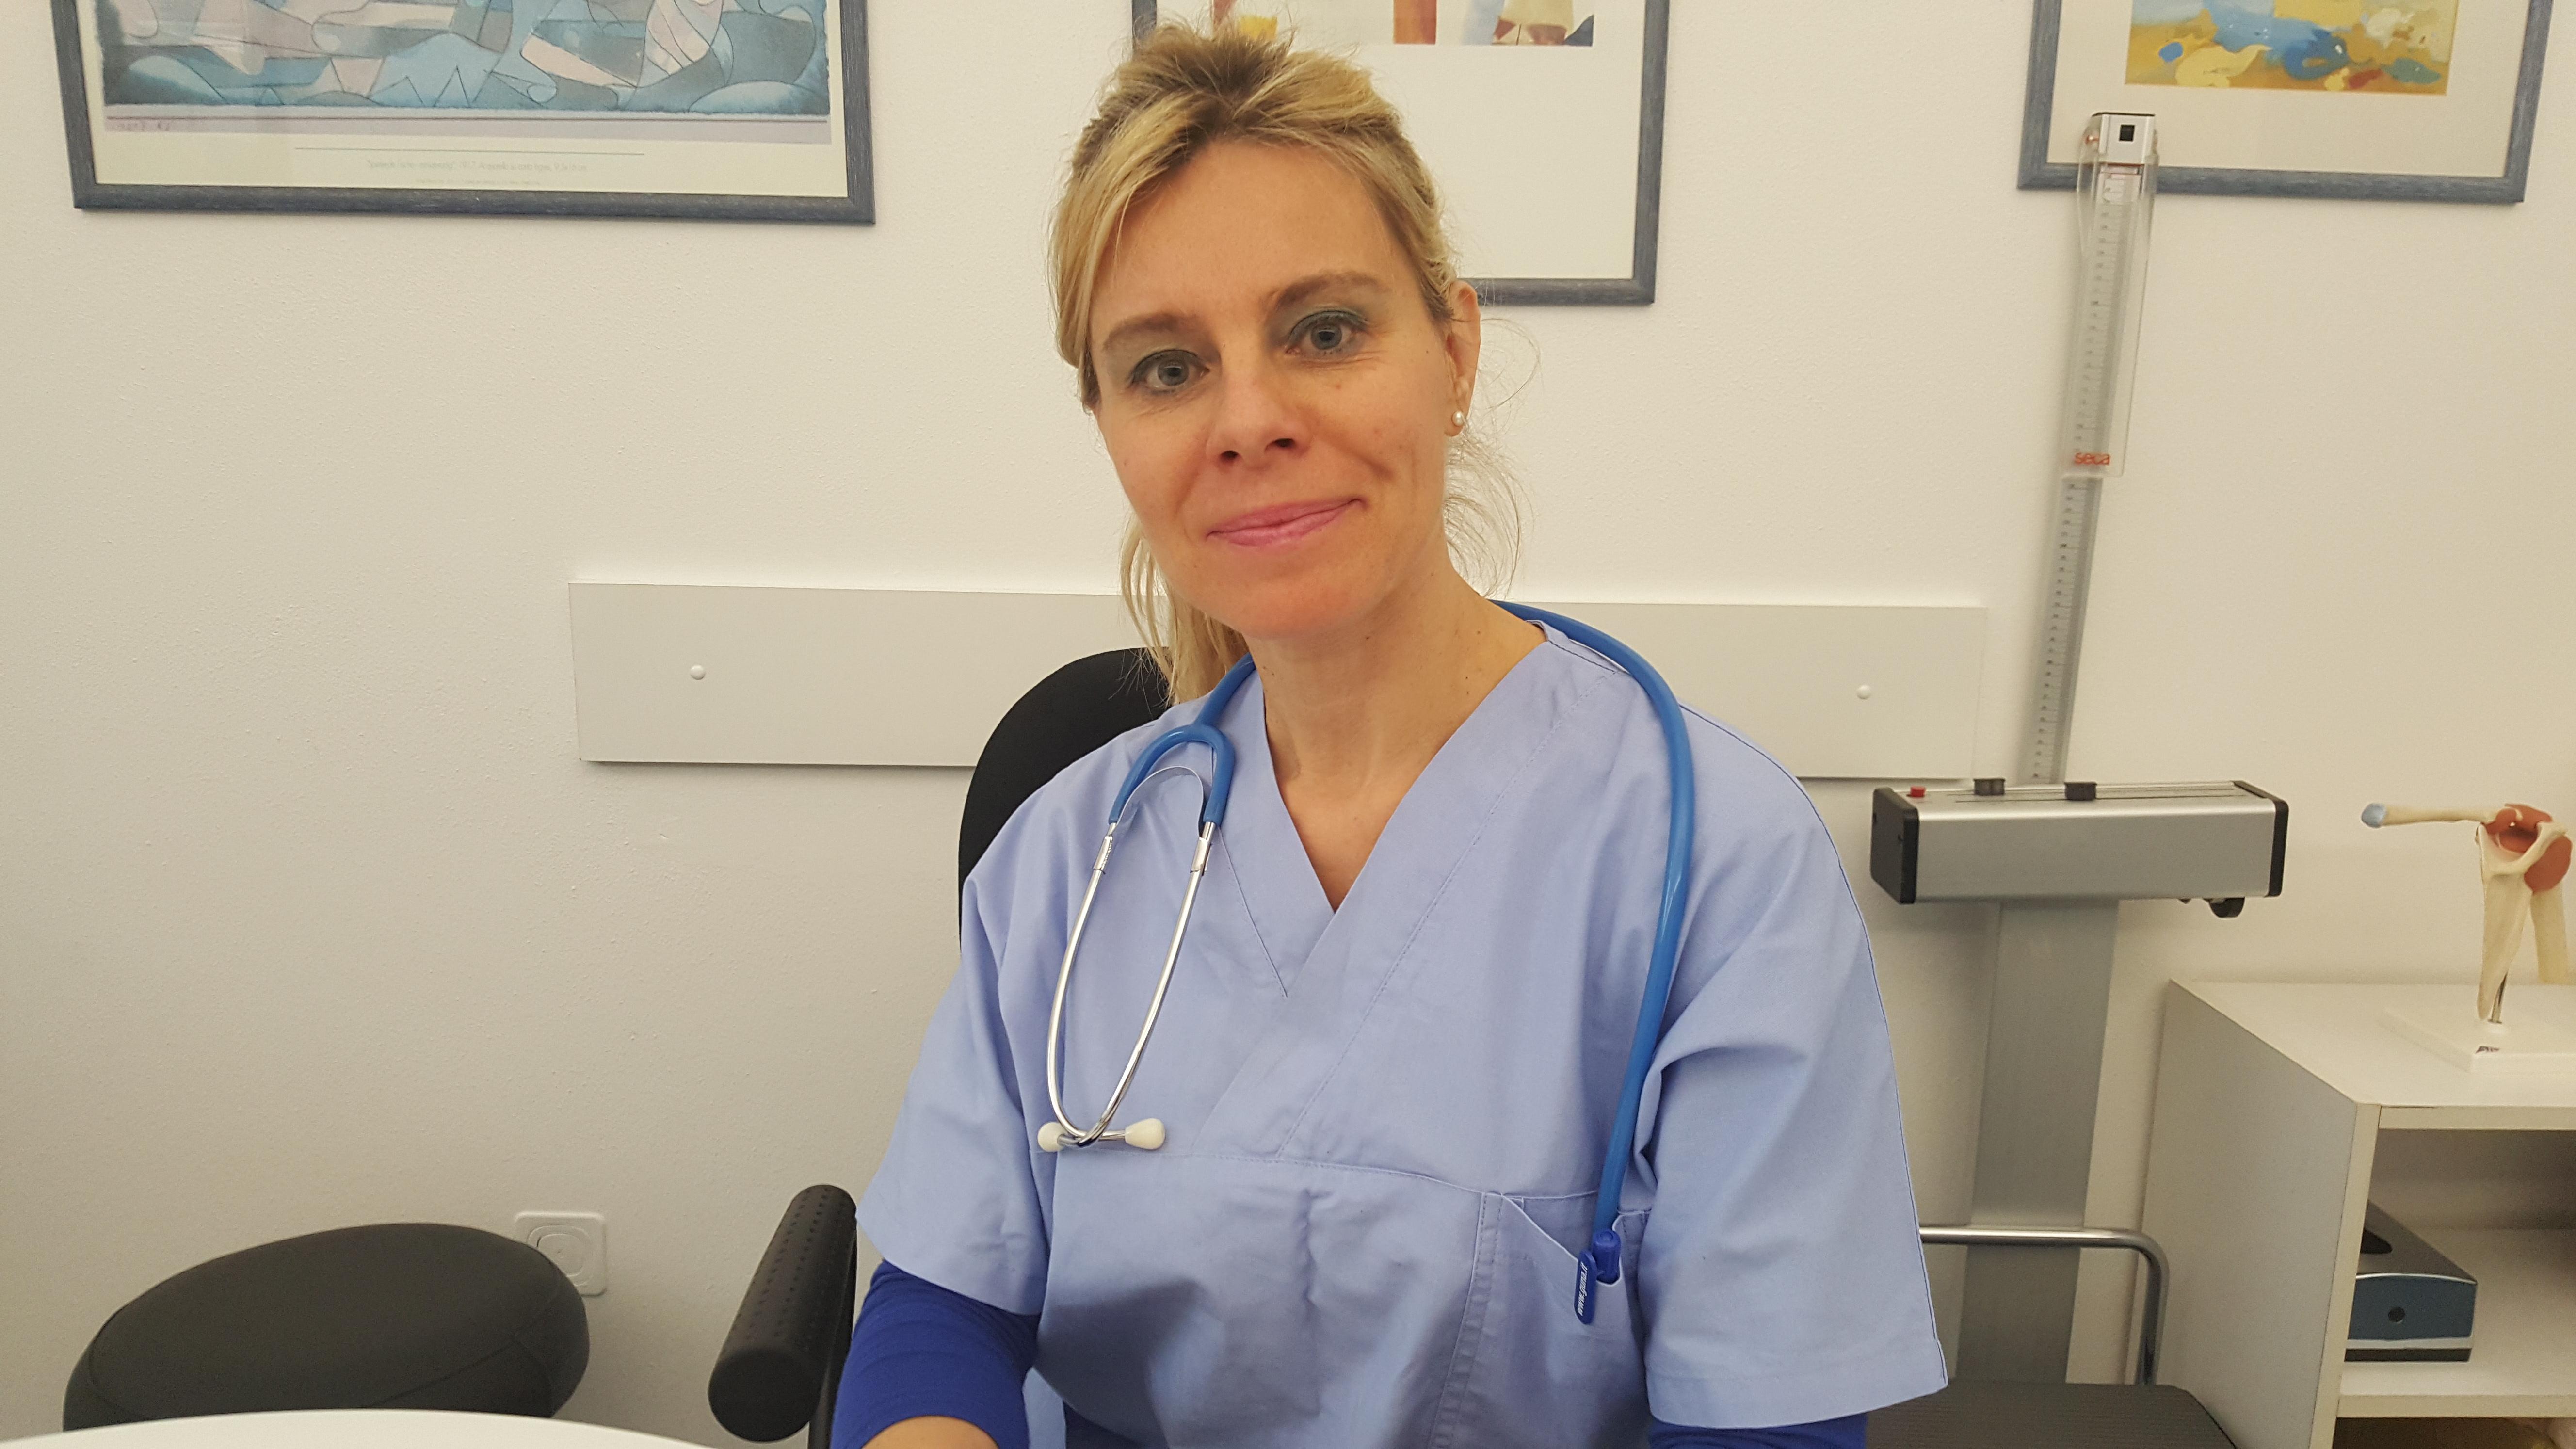 Dott.ssa Roberta Antonutti - Dott.ssa Roberta Antonutti f0918f78ffa5